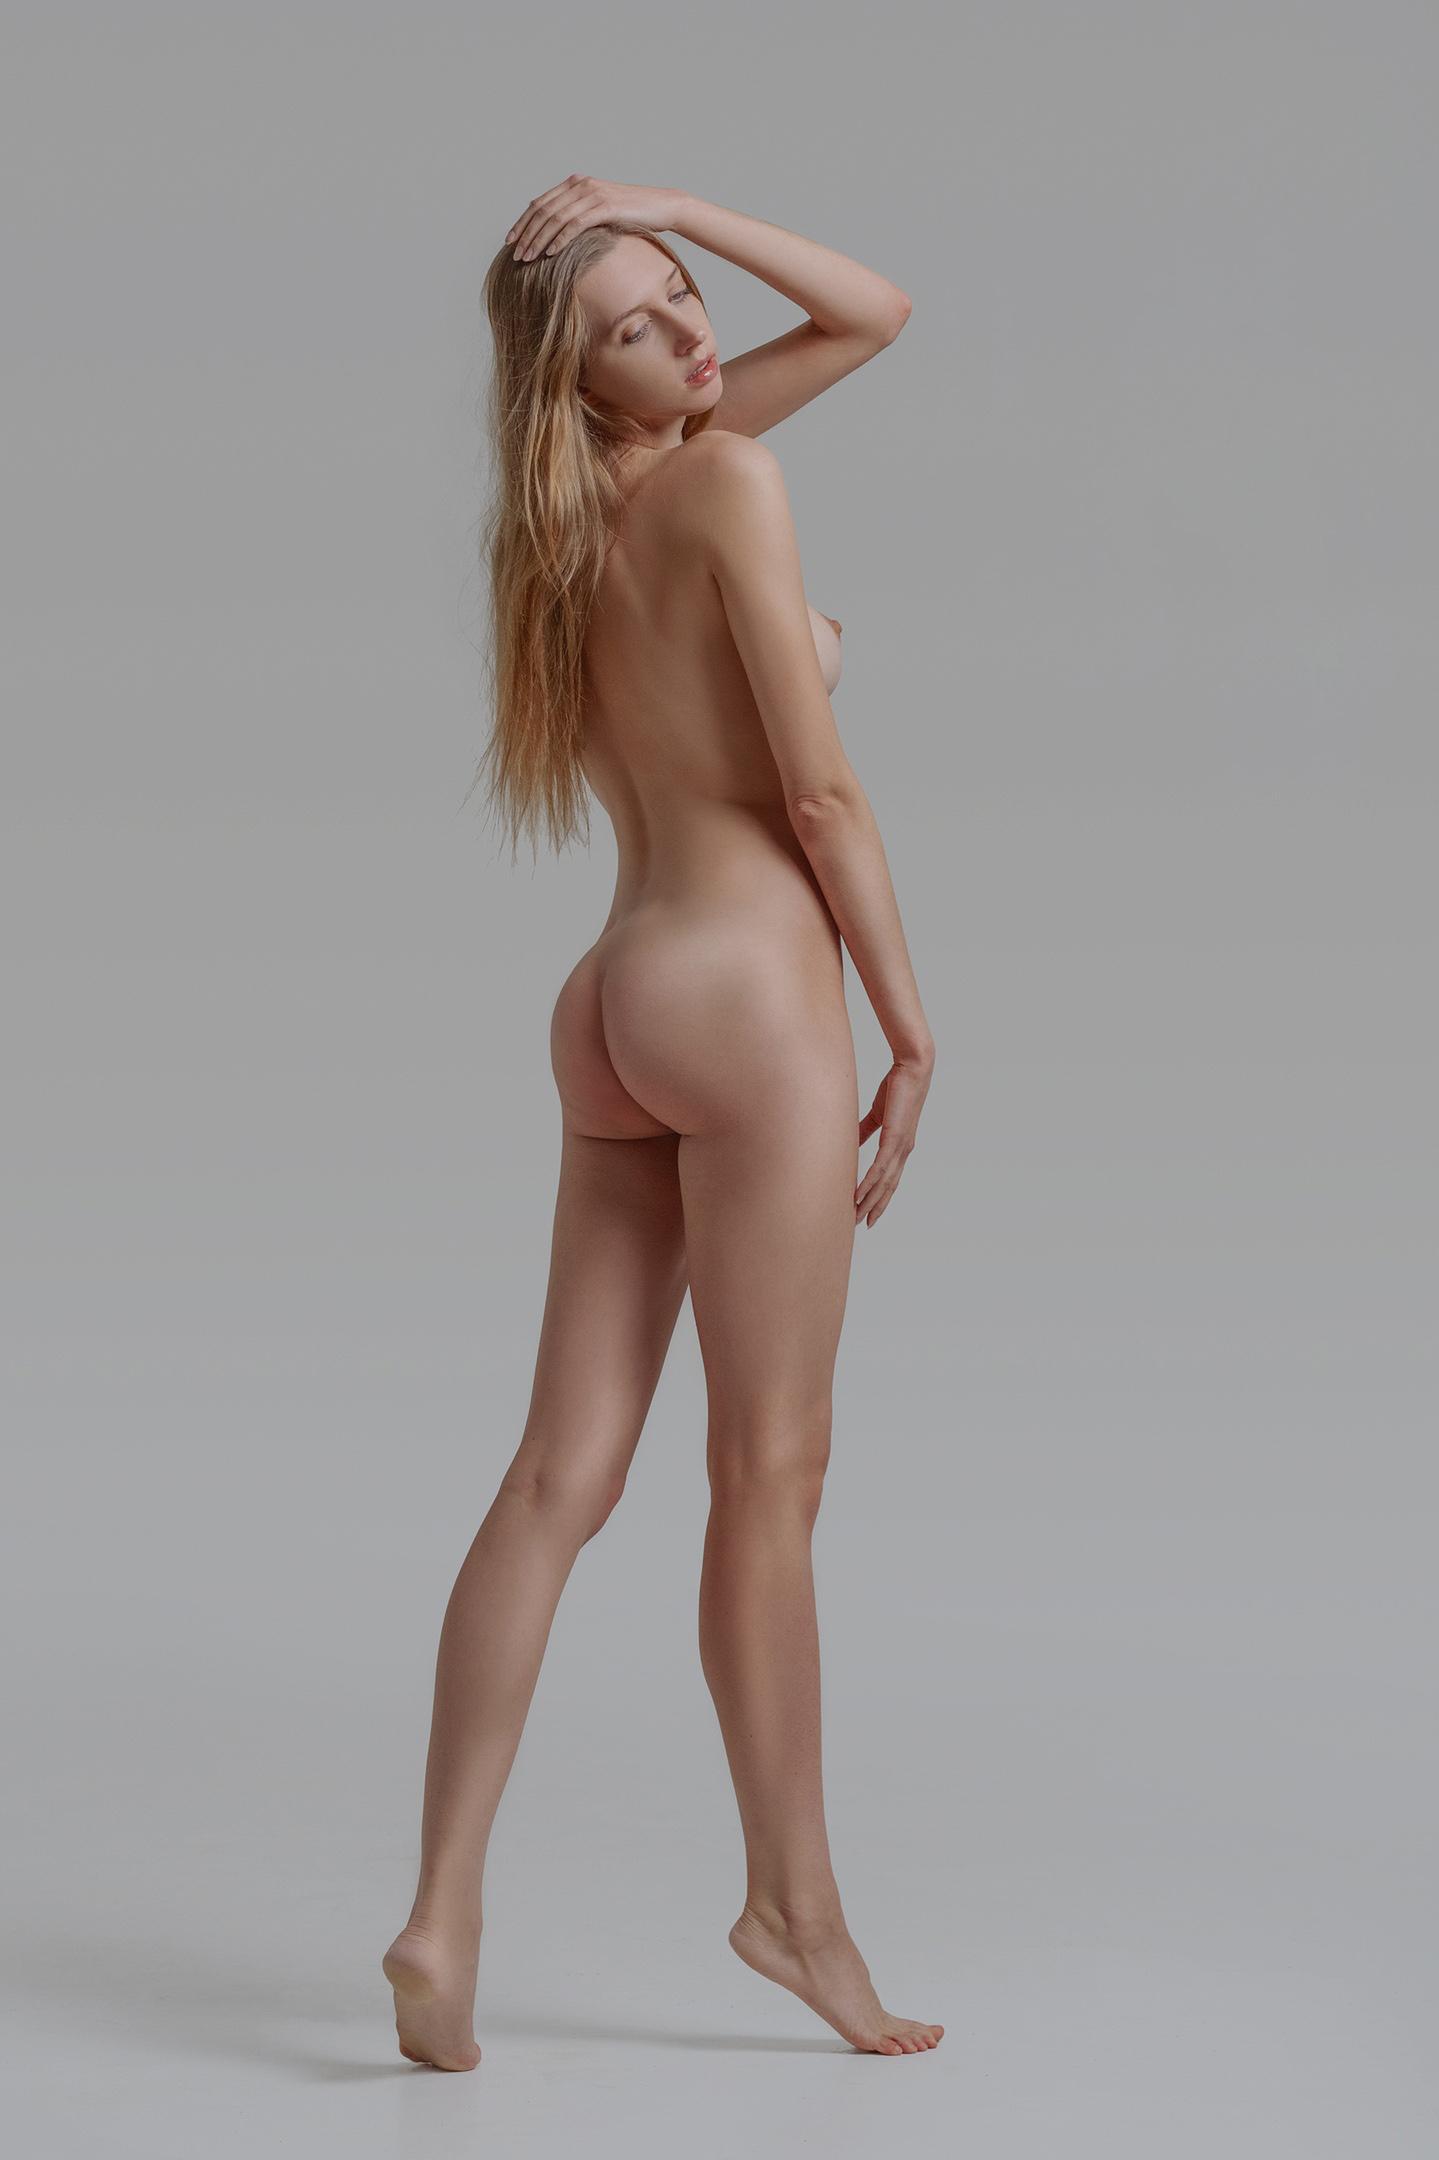 Katerina Reich - Aleksandr Zavarukhin photoshoot